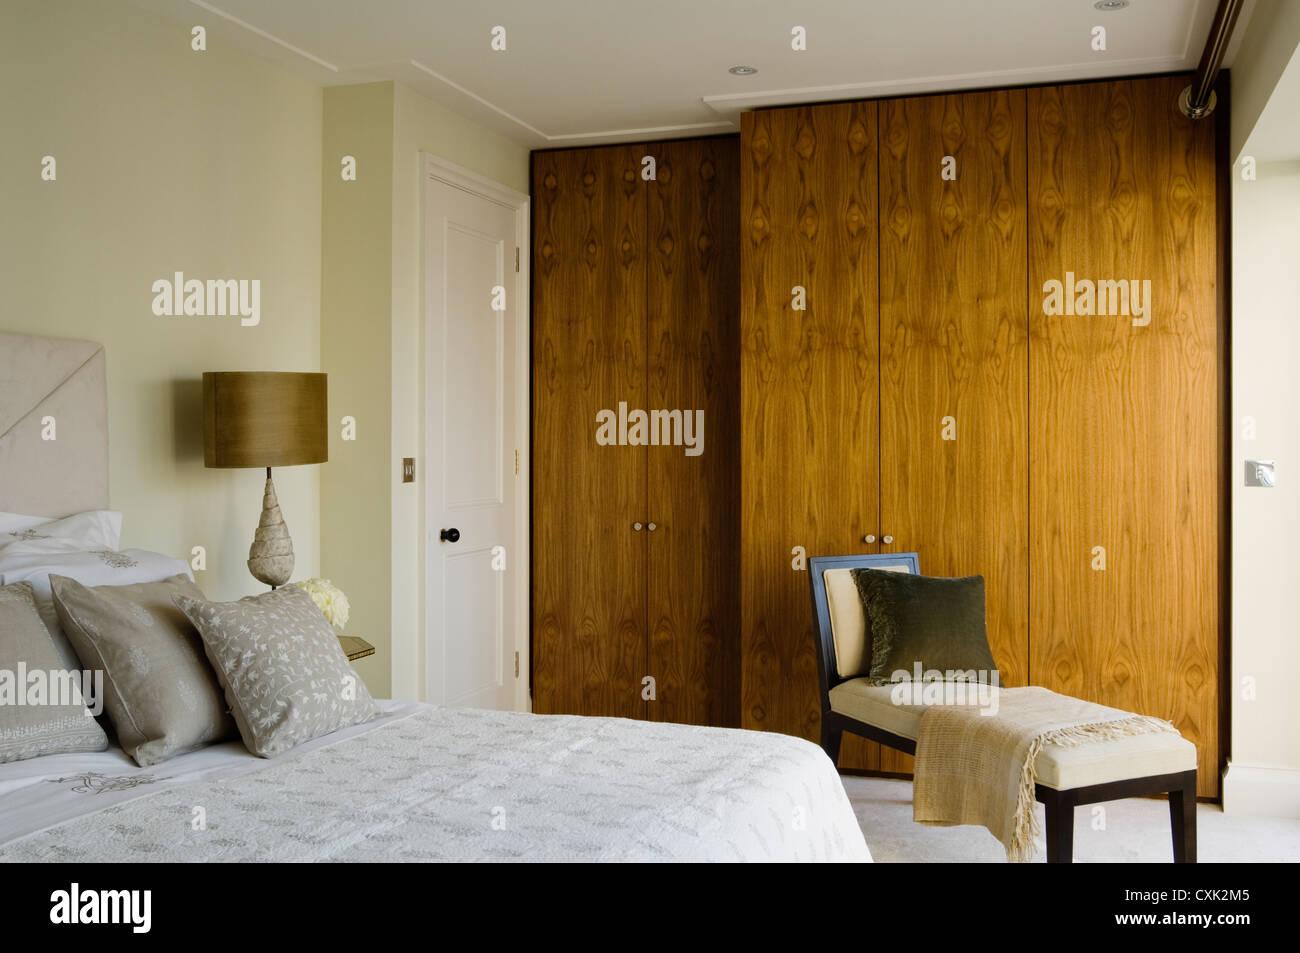 Schlafzimmer Doppelbett Schlafzimmer Blumen Pferde